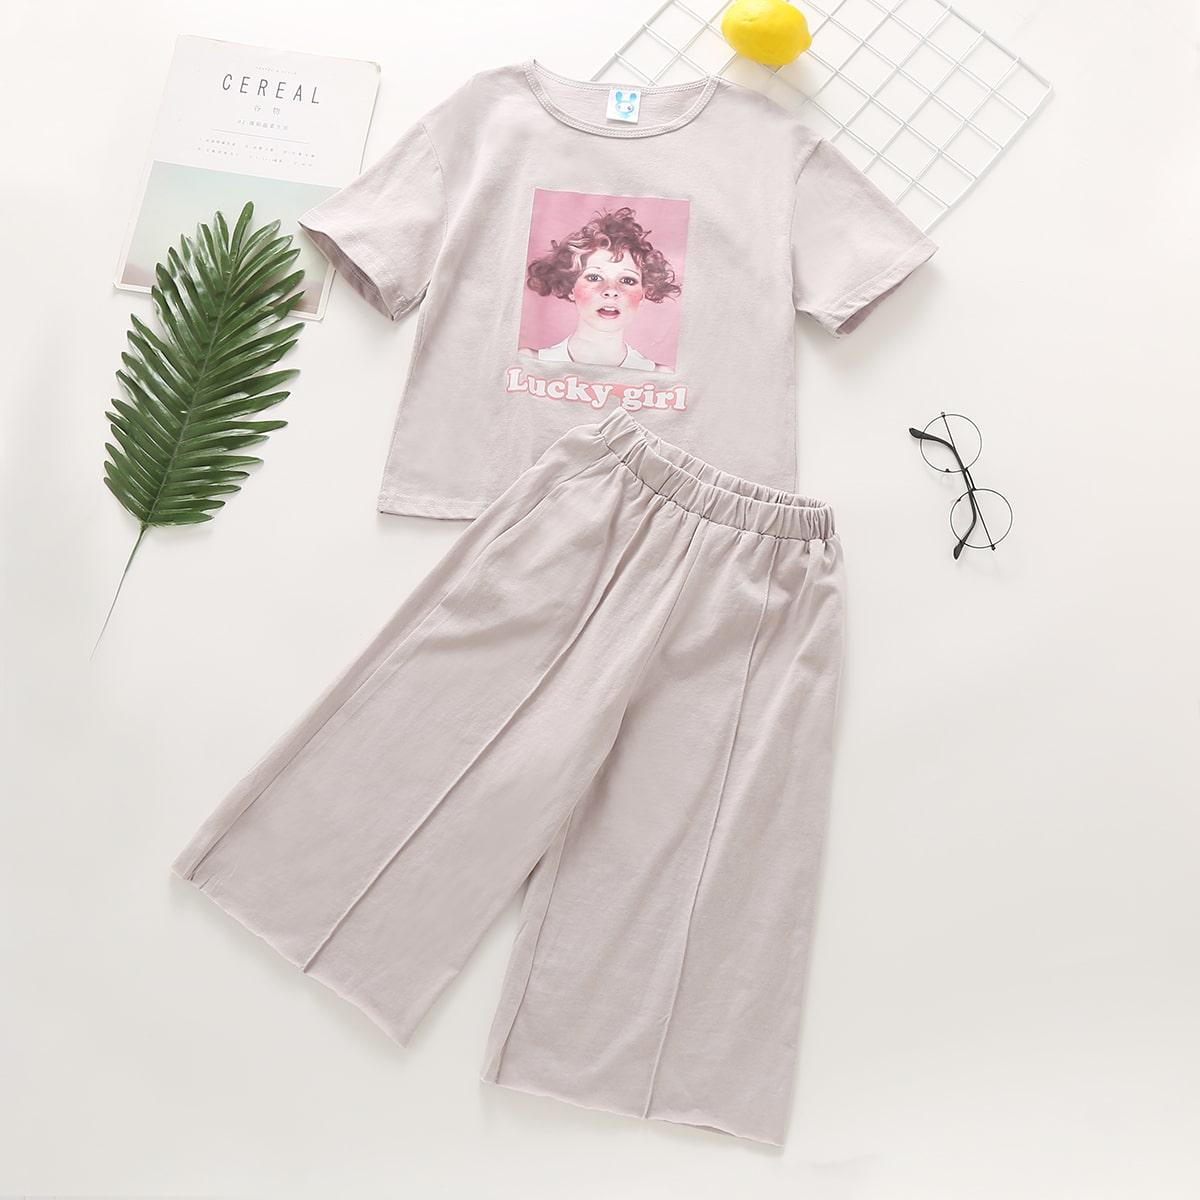 SHEIN / Mädchen T-Shirt mit Figur Grafik und Hosen mit weitem Beinschnitt